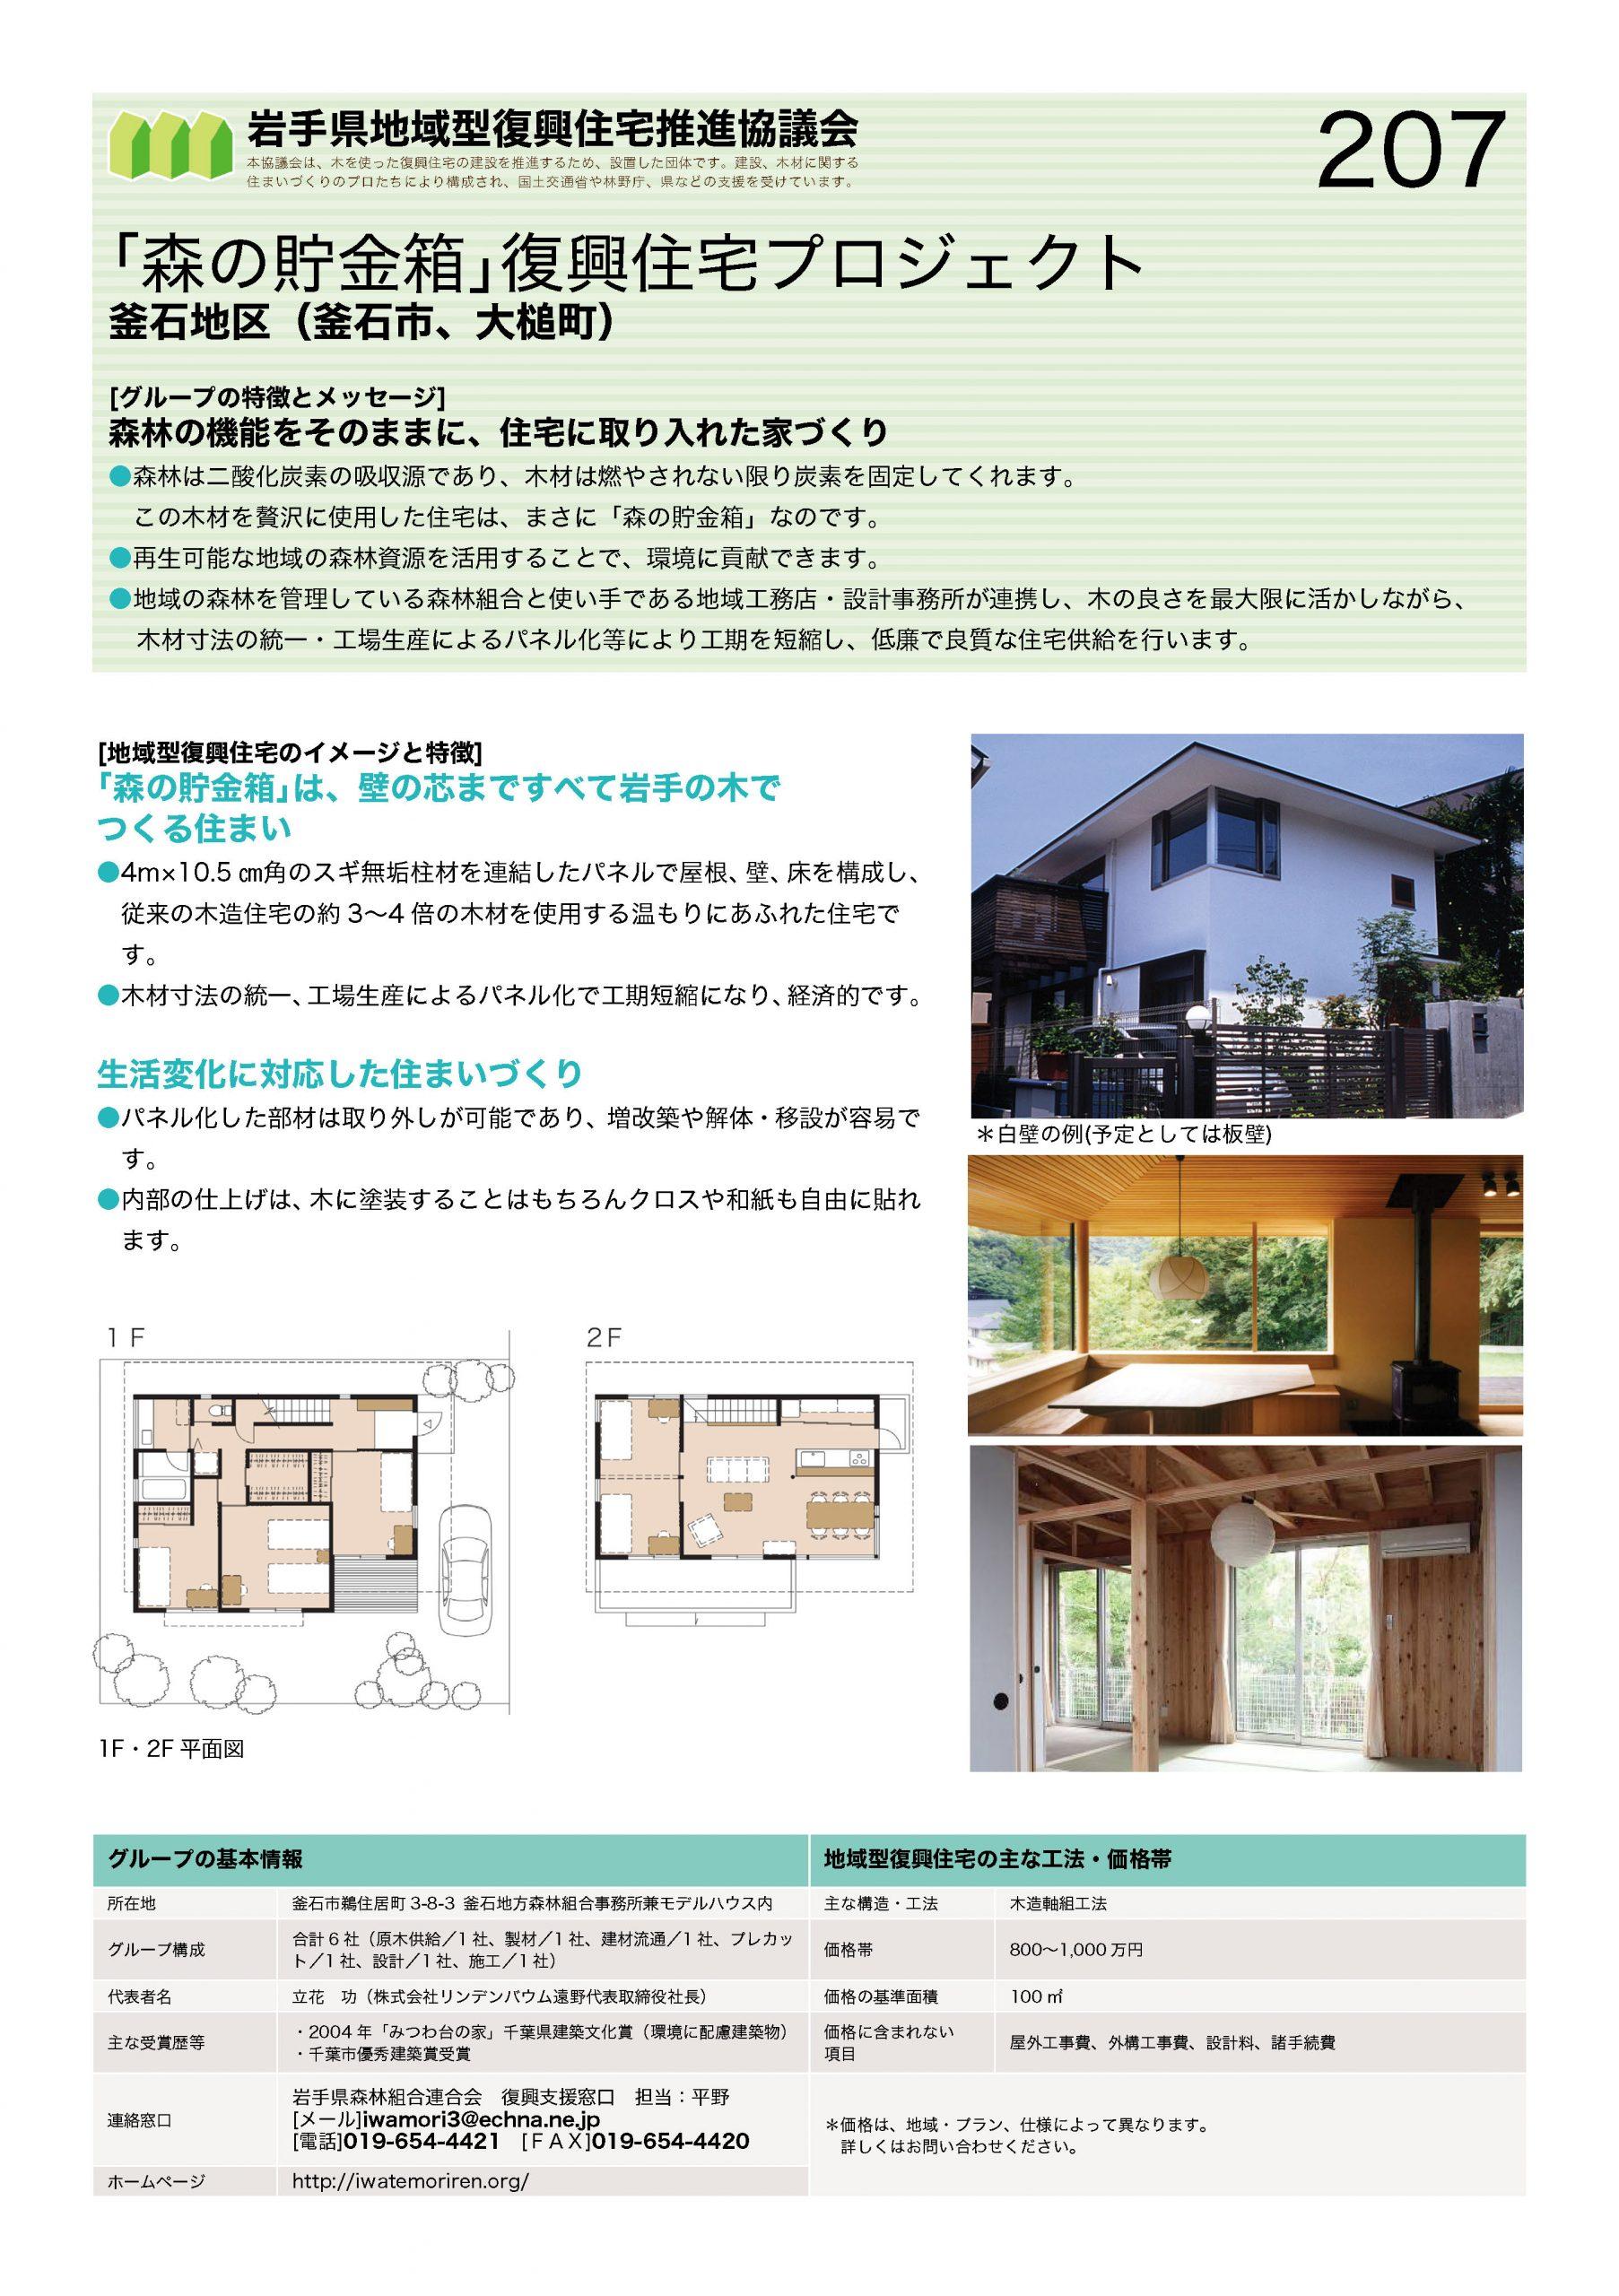 地域型復興住宅推進協議会、及び地域住宅生産者グループの活動支援